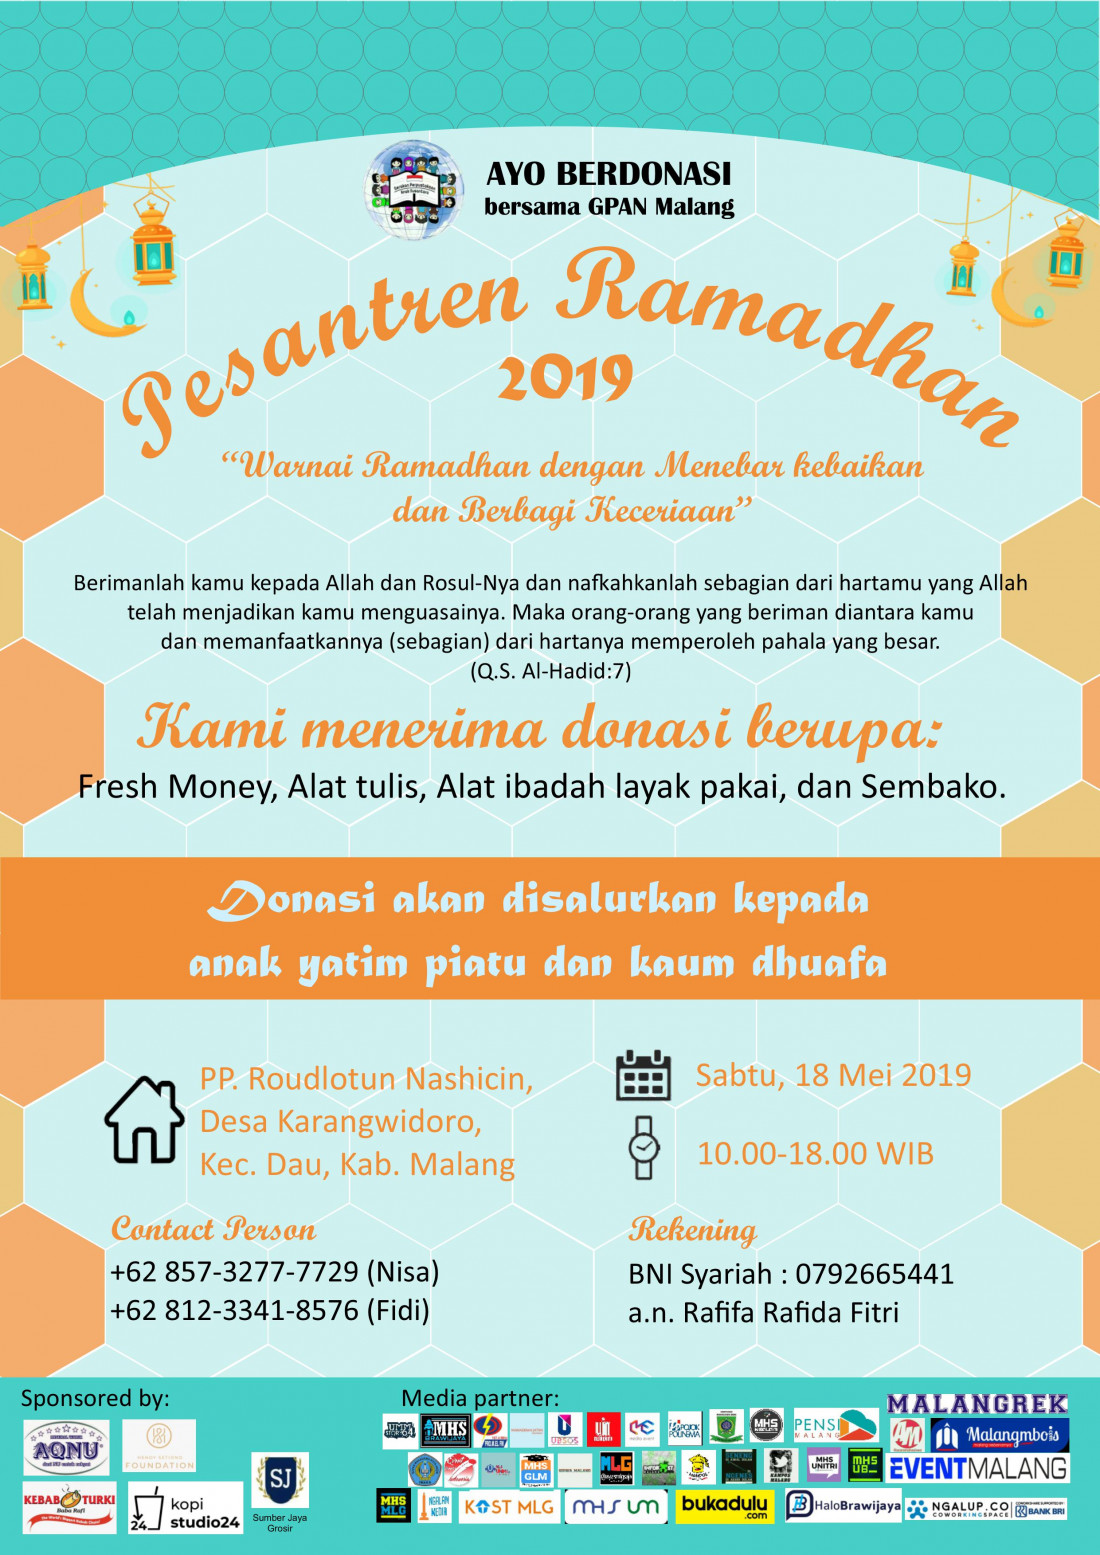 GPAN Malang Pesantren Ramadhan 2019